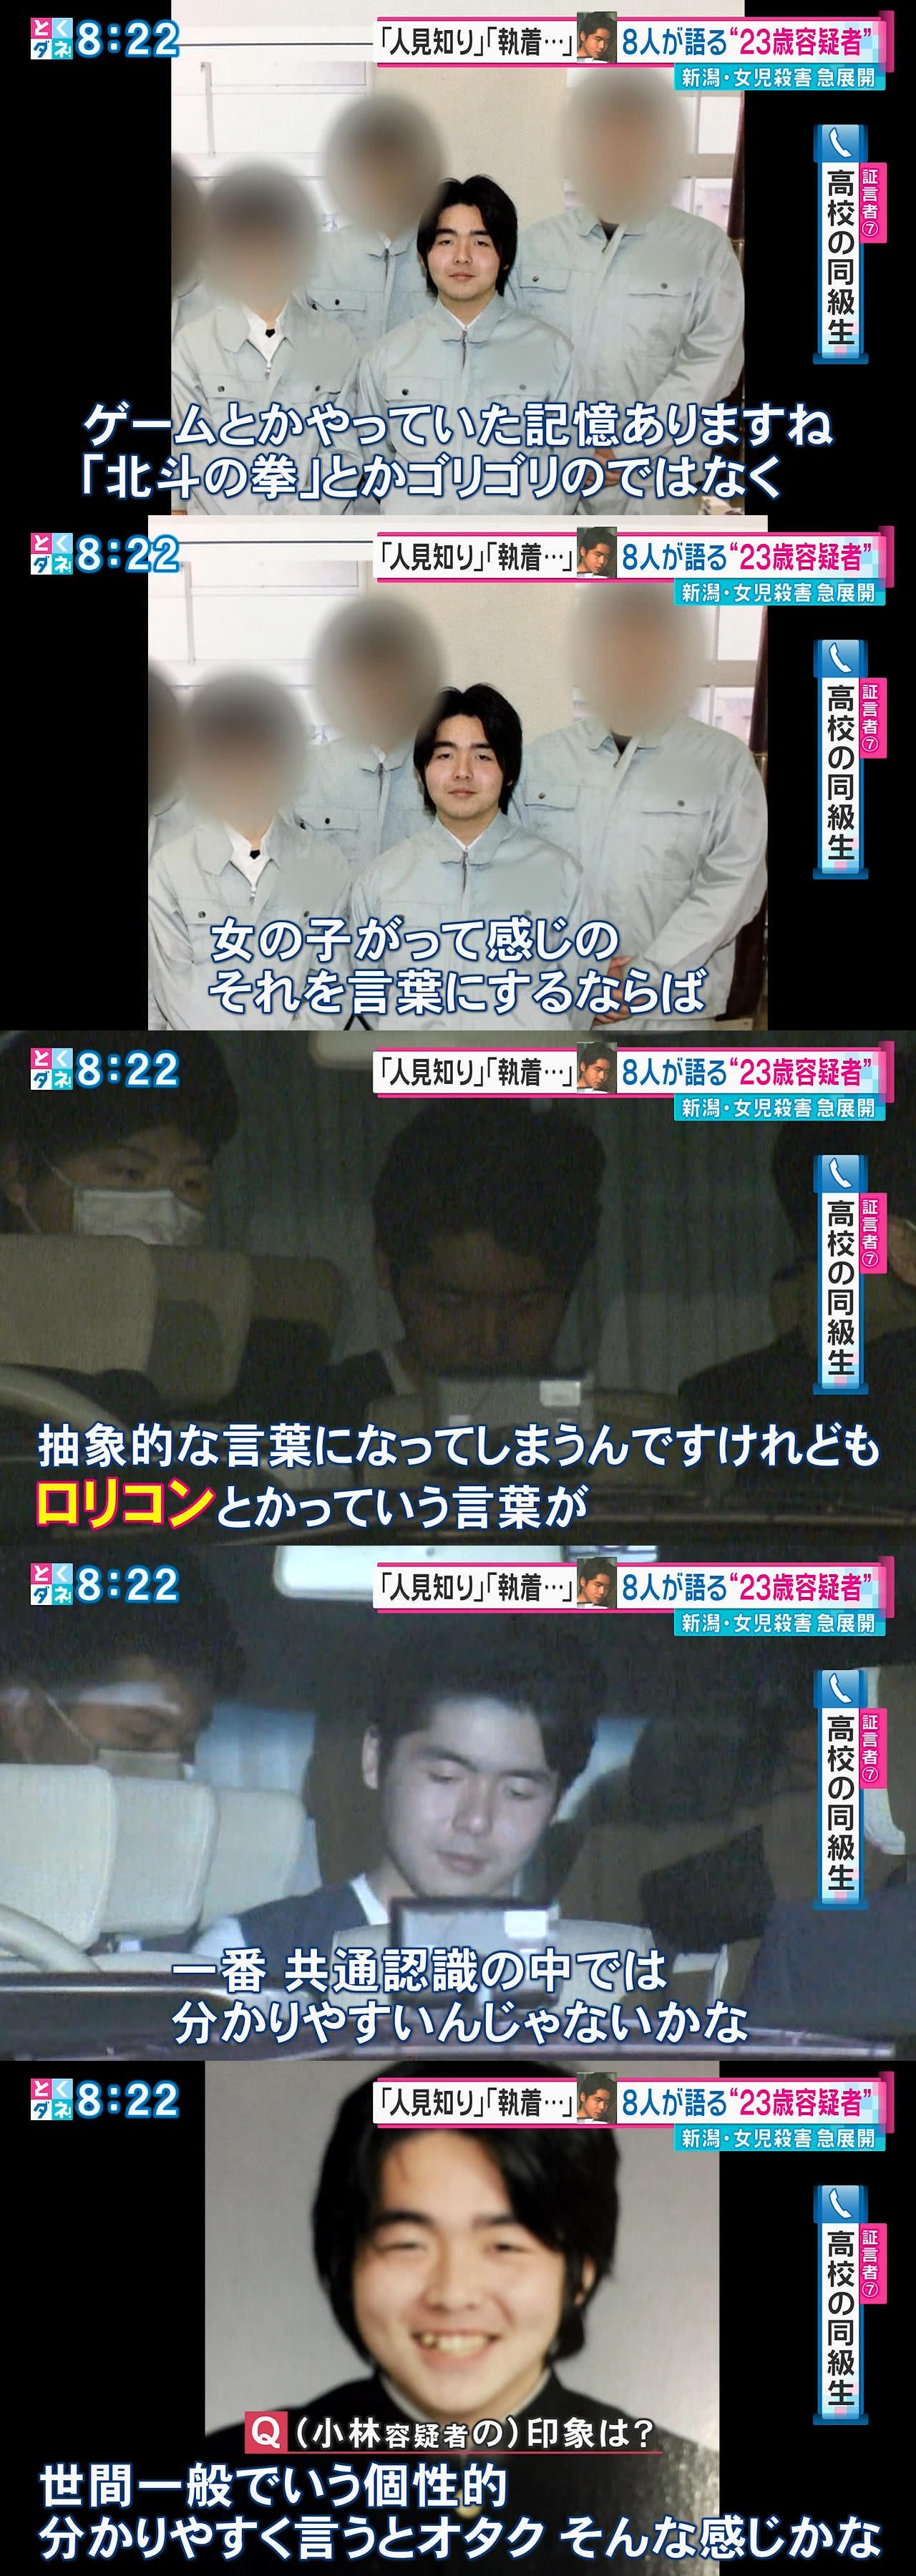 【悲報】新潟の事件の犯人23歳男   やはり「美少女ゲームが好きなオタクだった」と報道される